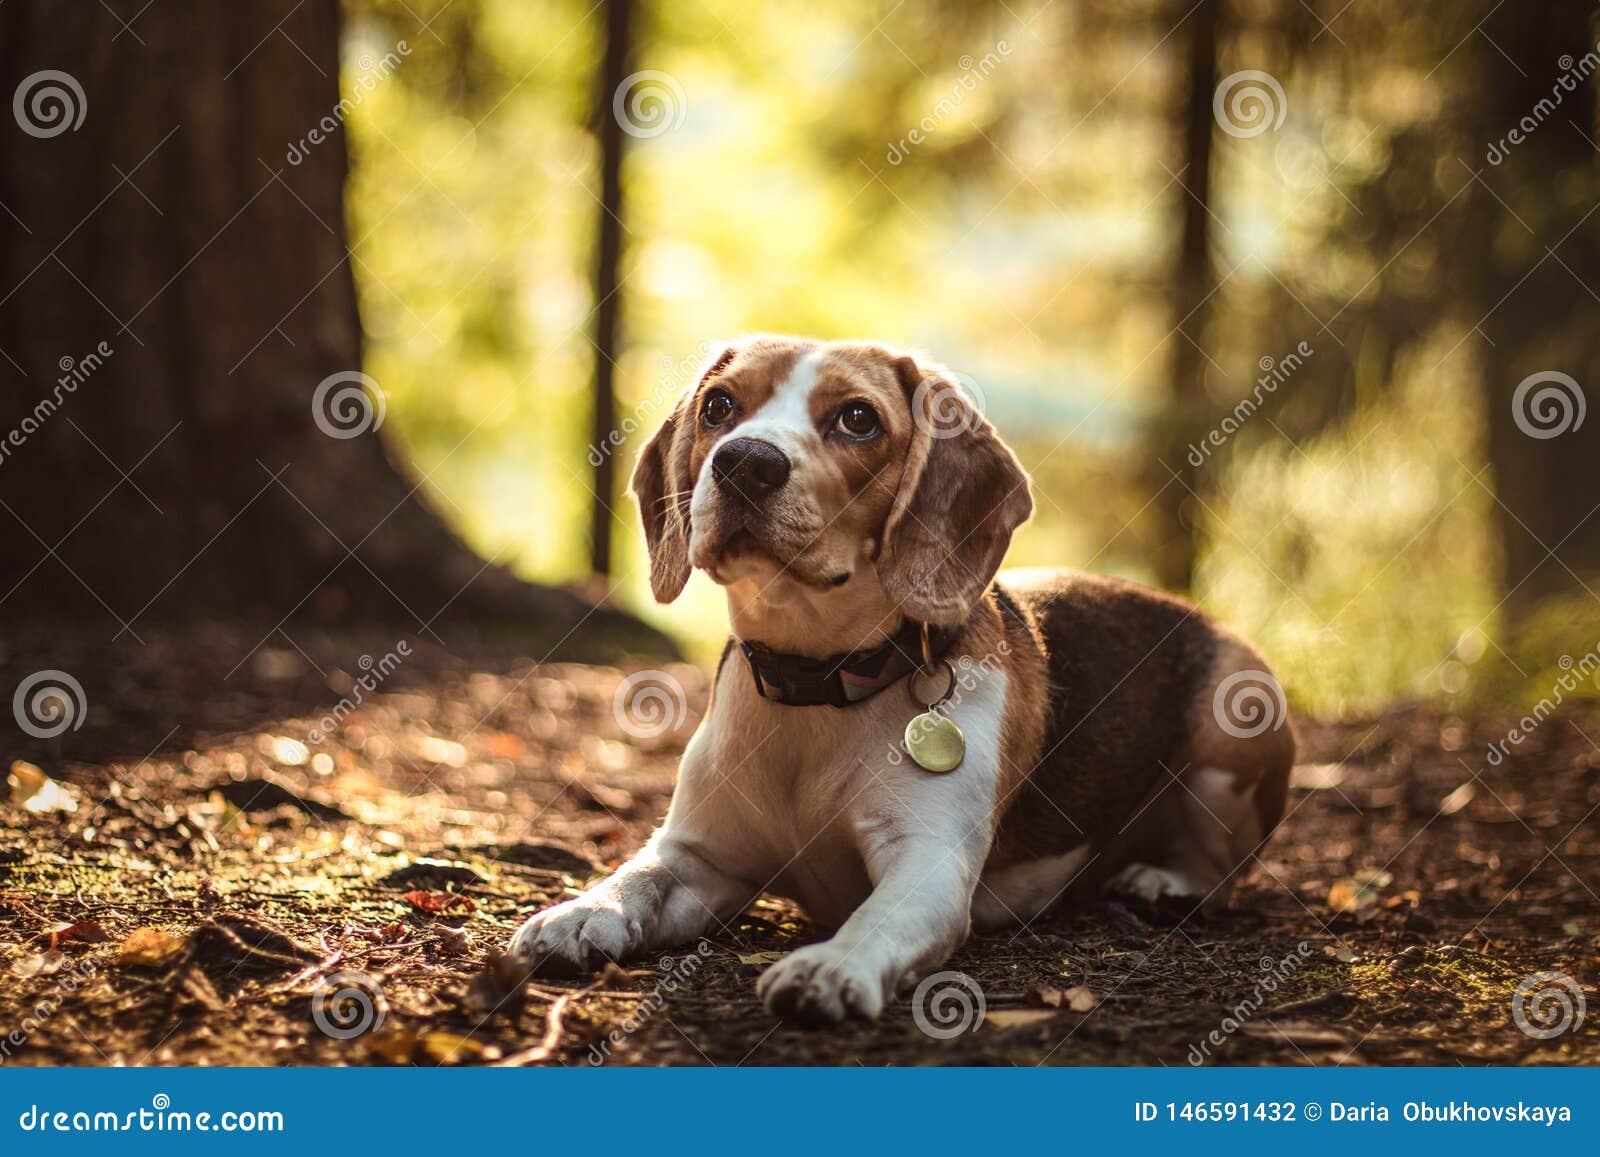 Όμορφο σκυλί κυνηγιού λαγωνικών με το υπόβαθρο με το διάστημα για κάτι